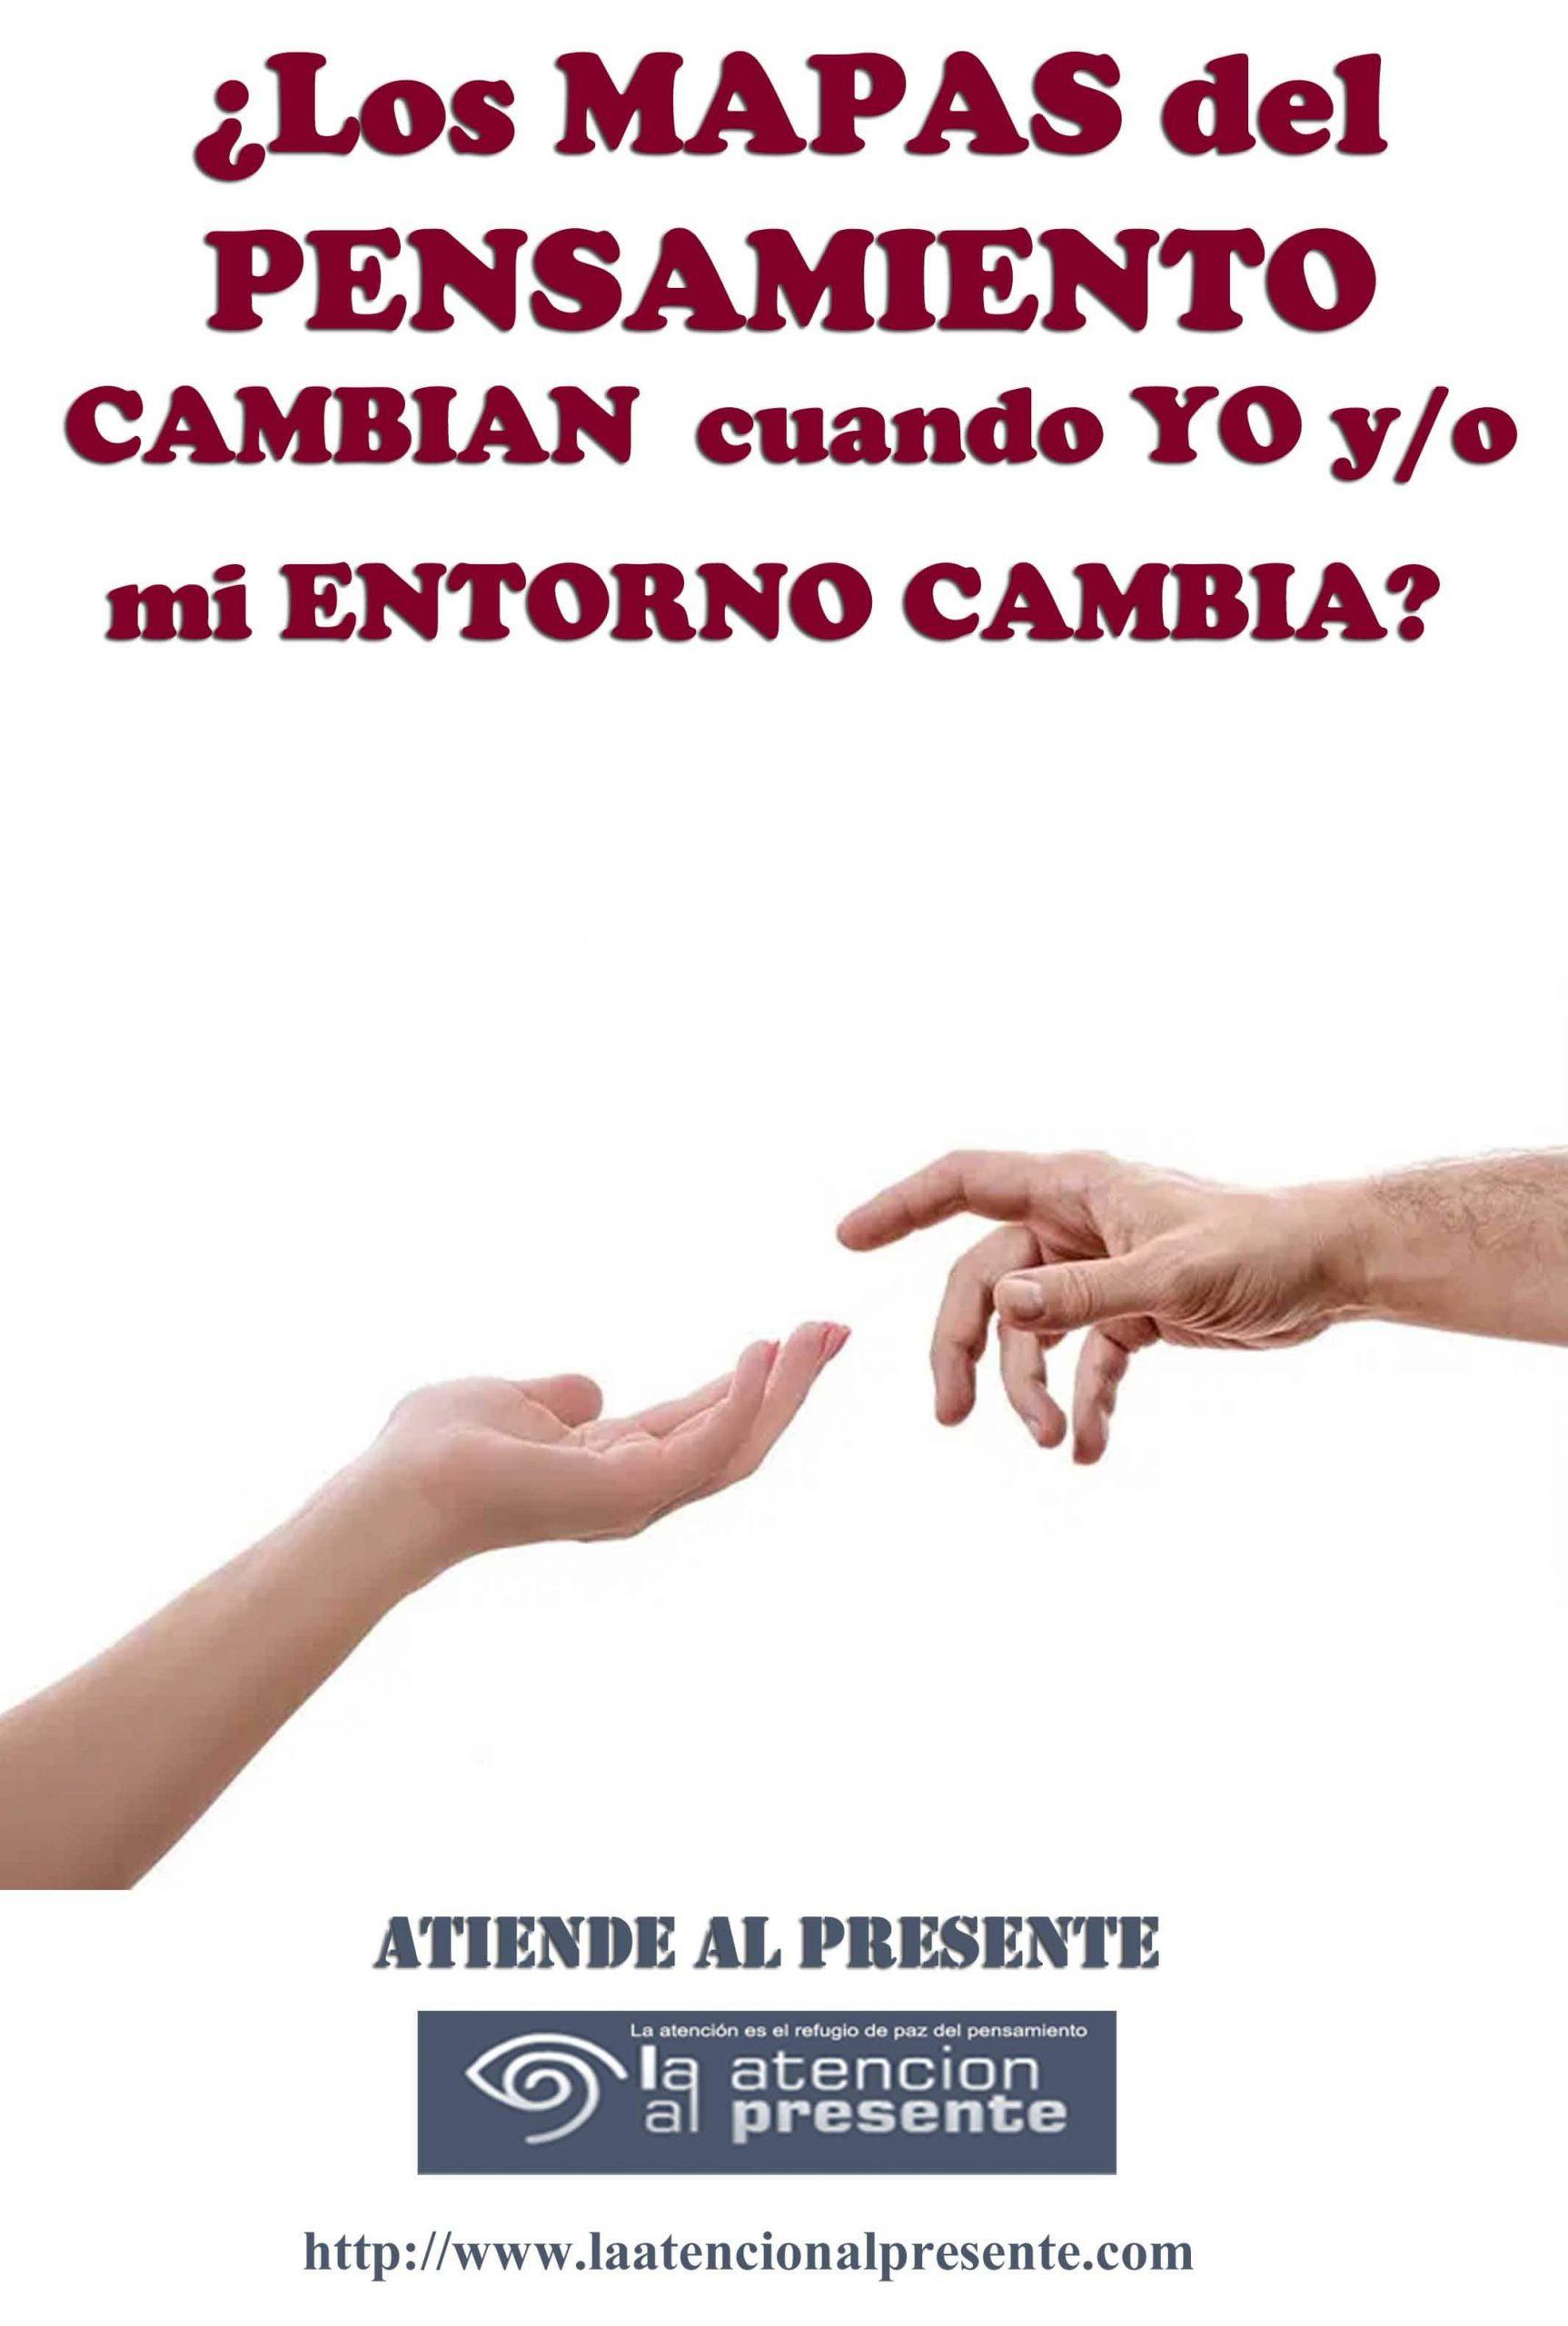 25 de Julio Esteban Los MAPAS del PENSAMIENTO CAMBIAN cuando CAMBIO y mi ENTORNO cambia min scaled